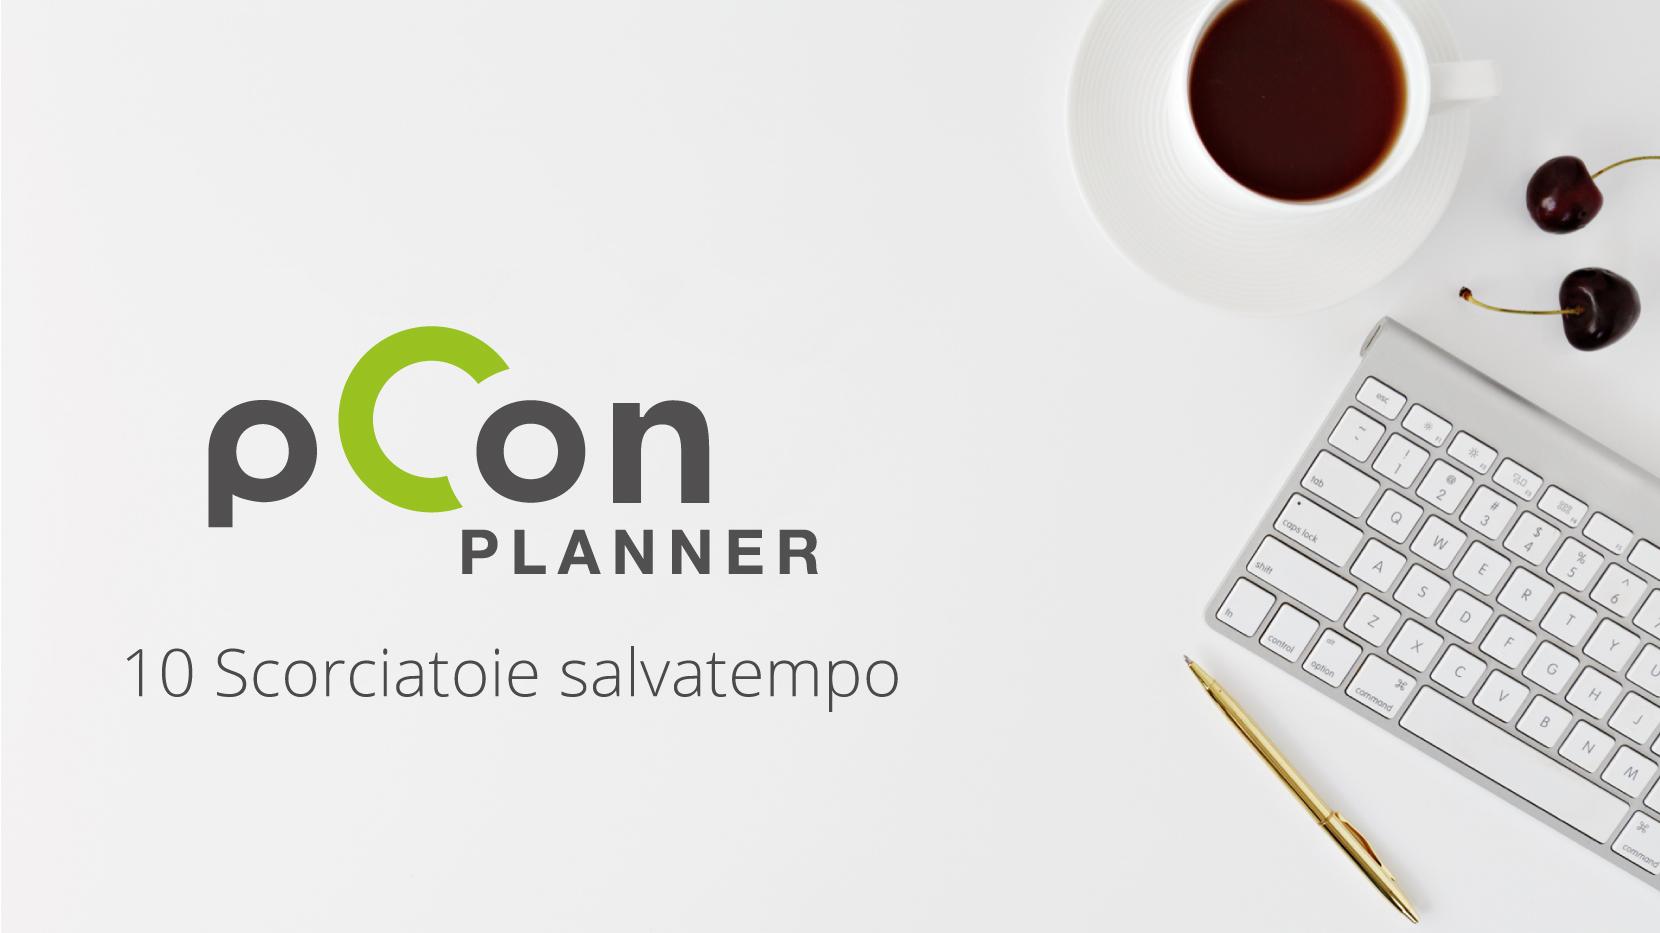 Trucchi da Tastiera per pCon.planner